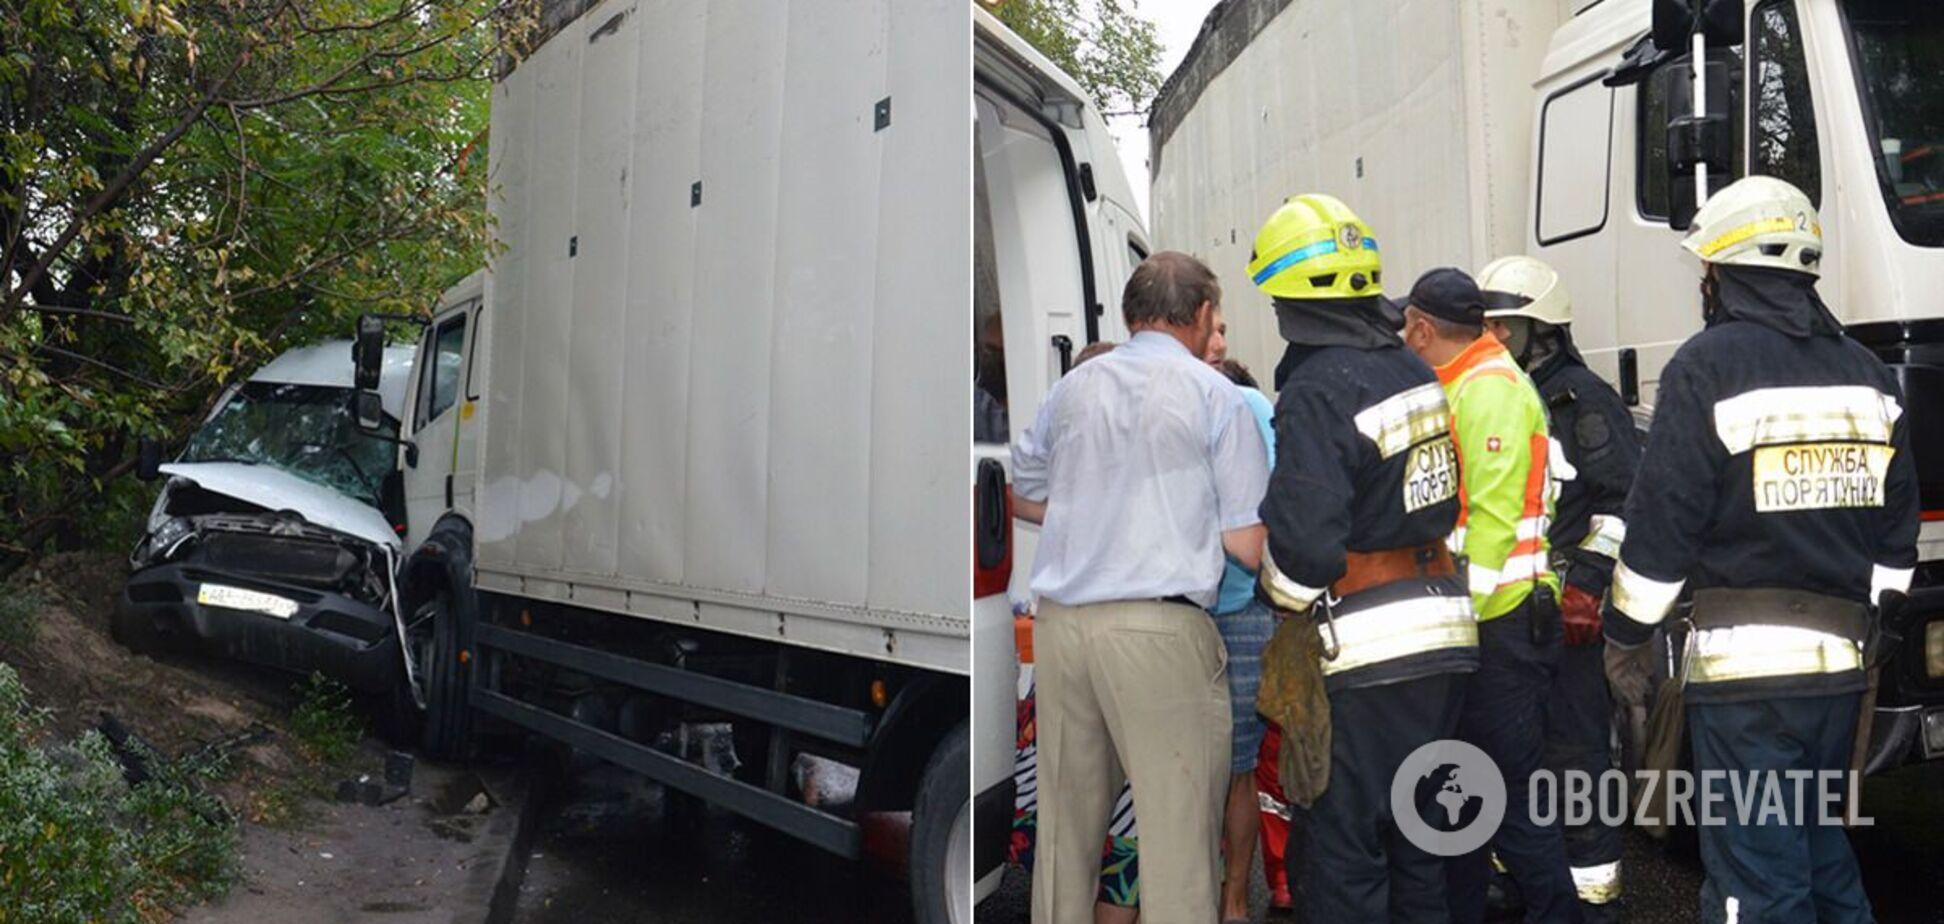 В Днепре грузовик протаранил маршрутку с людьми: пострадали 9 человек. Фото и видео